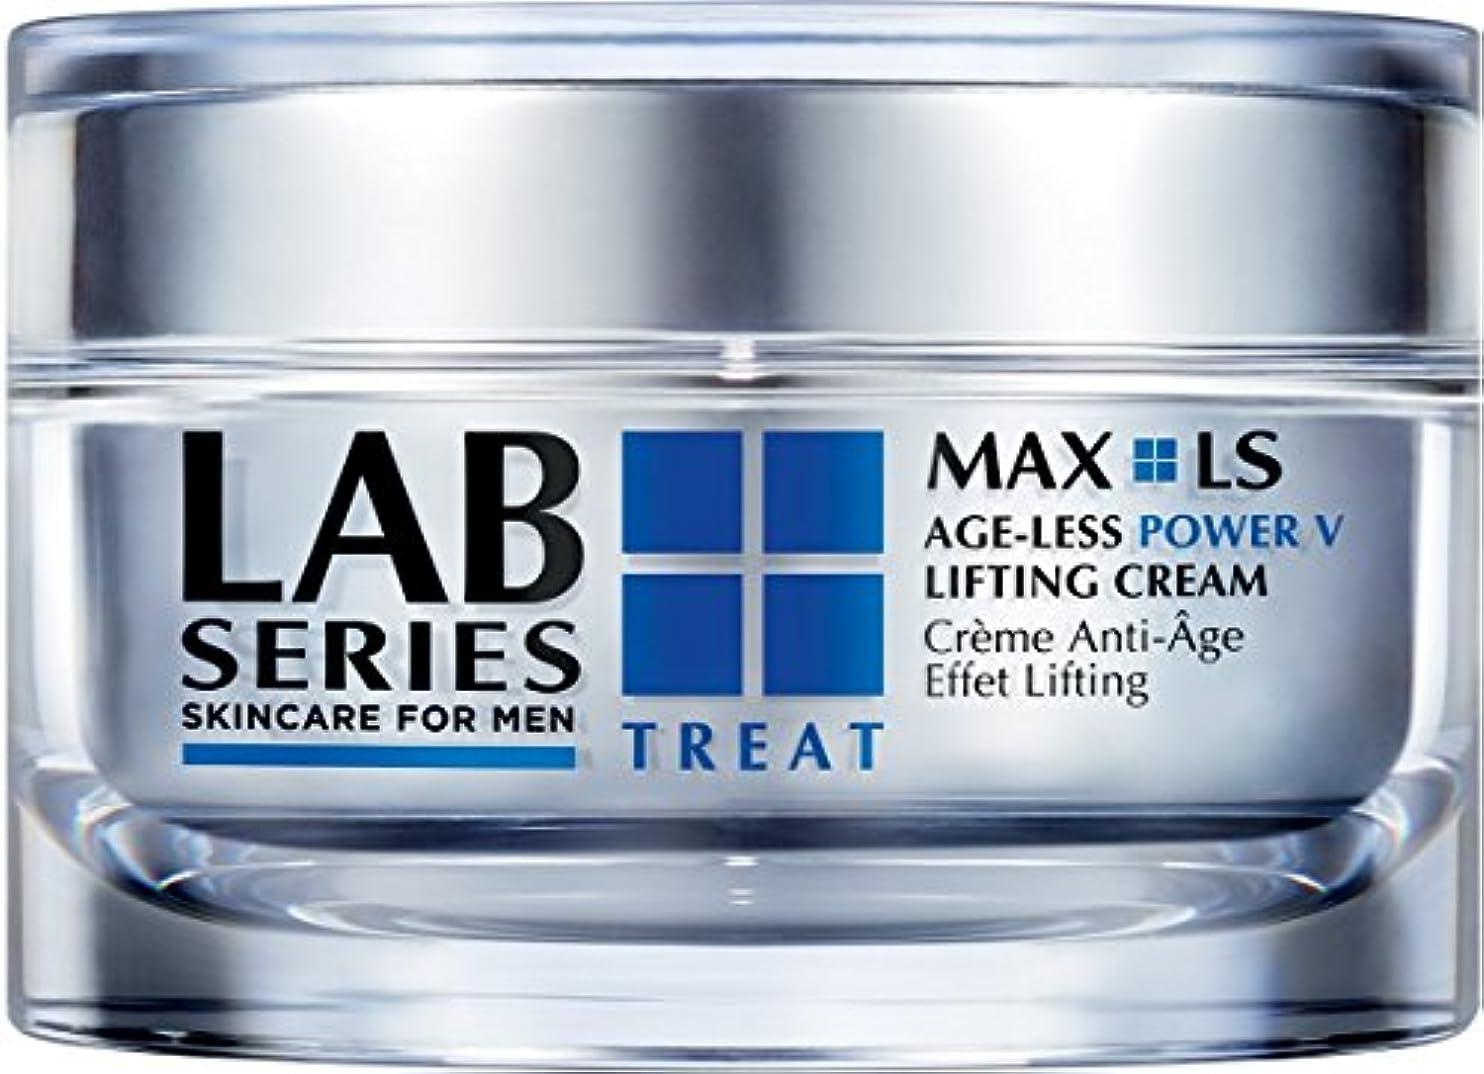 誘う返還アクティビティラボシリーズ (LAB SERIES) マックス LS V クリーム 50mL